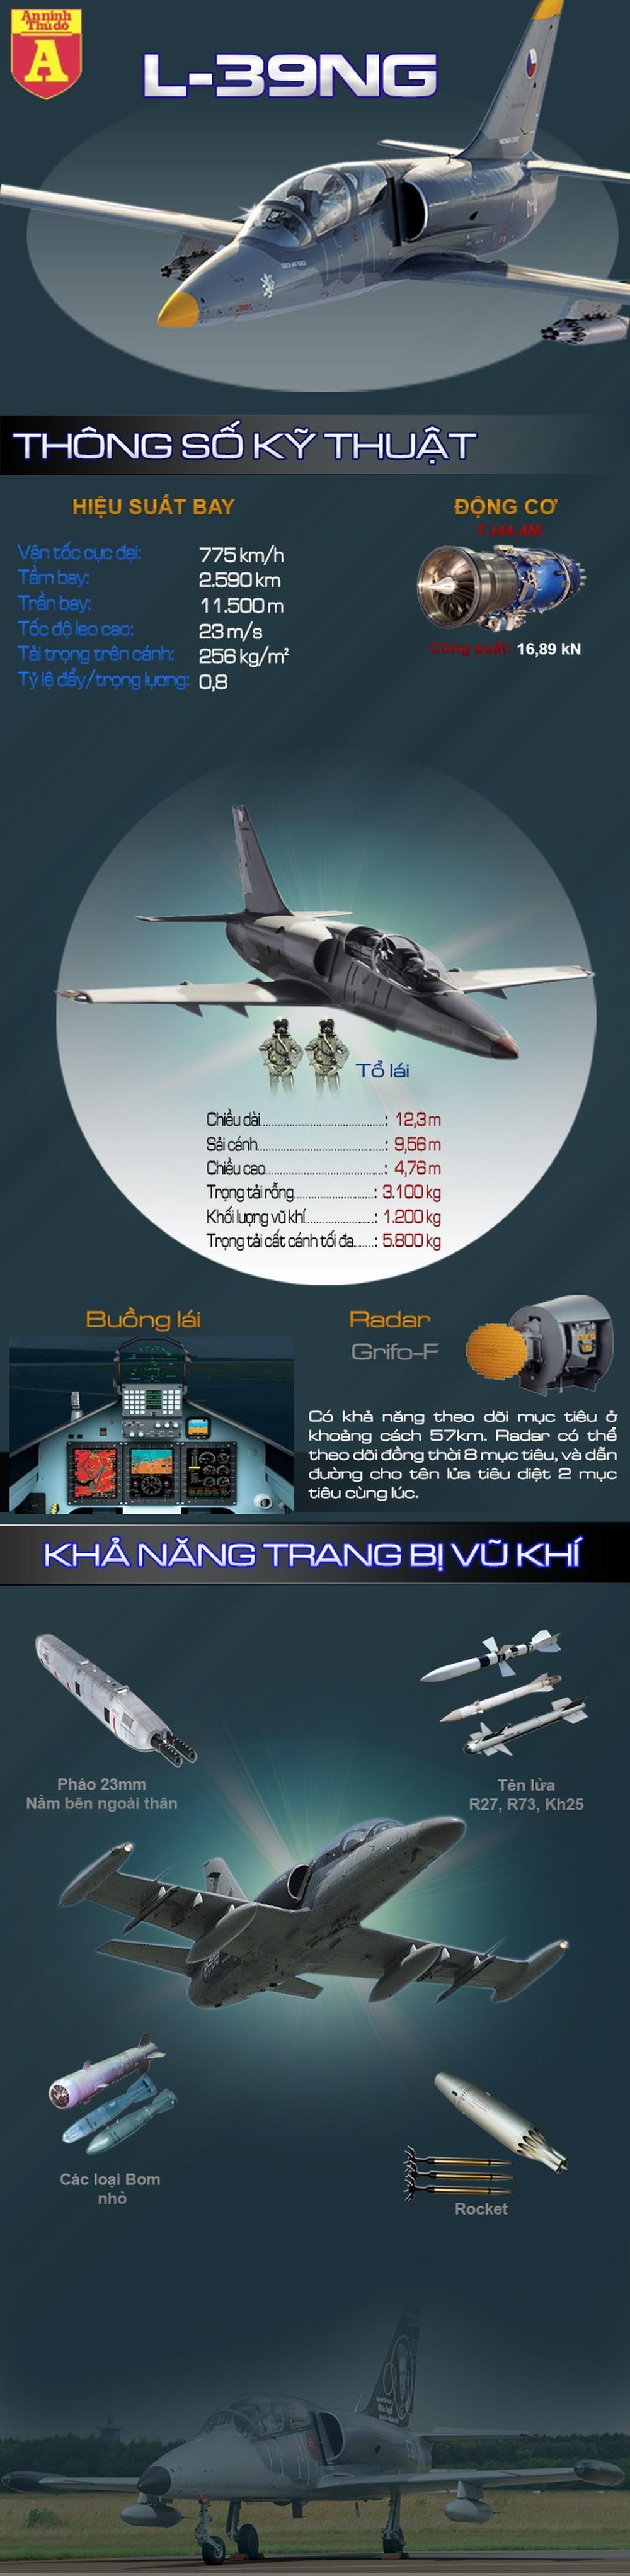 [Info] L-39NG, cường kích hiện đại ẩn mình trong huấn luyện cơ ảnh 2